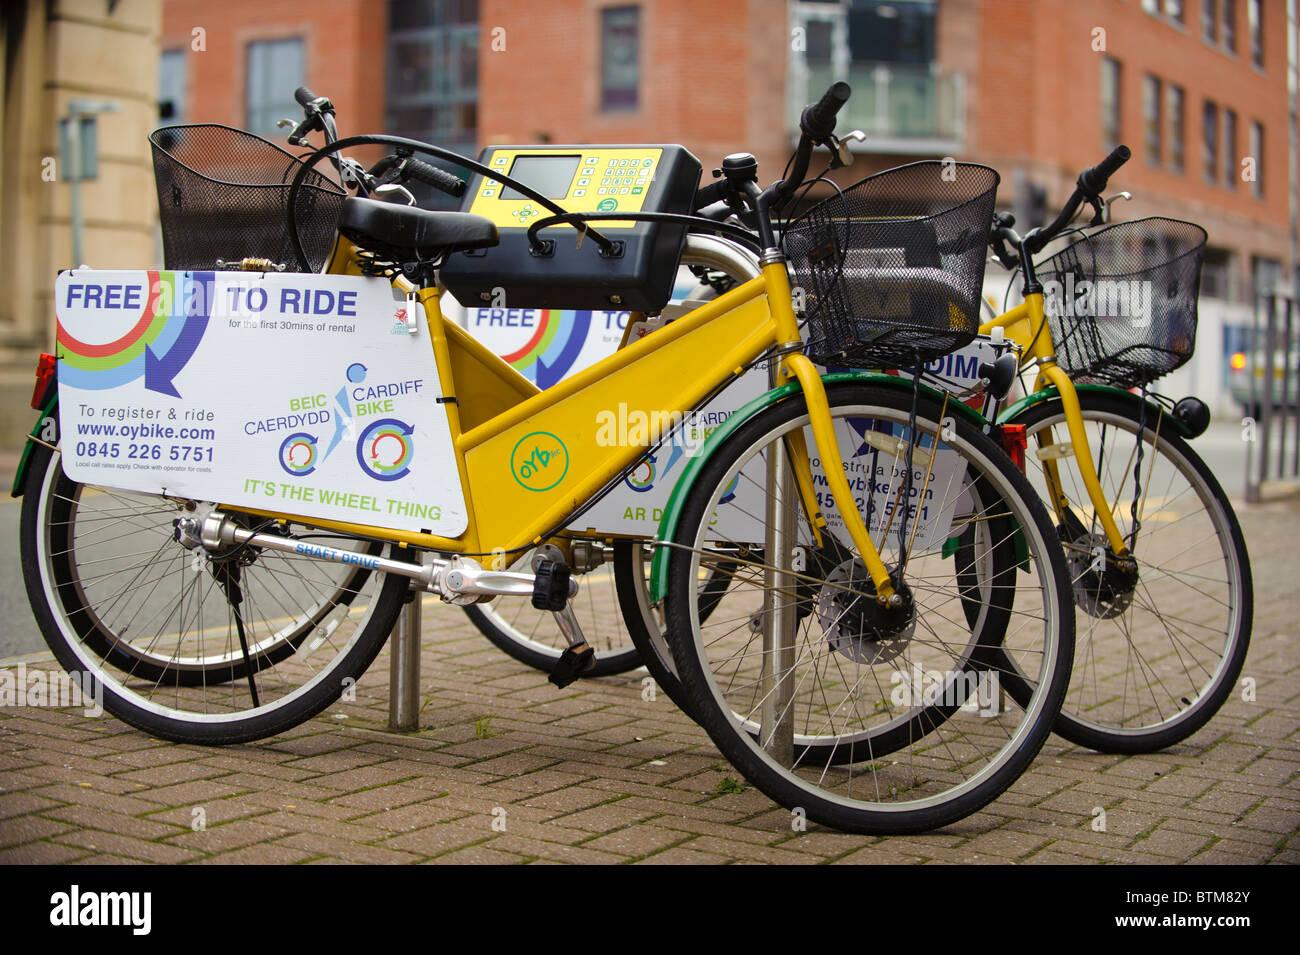 En su bicicleta bicicletas scheme, Cardiff, Gales, Reino Unido Imagen De Stock